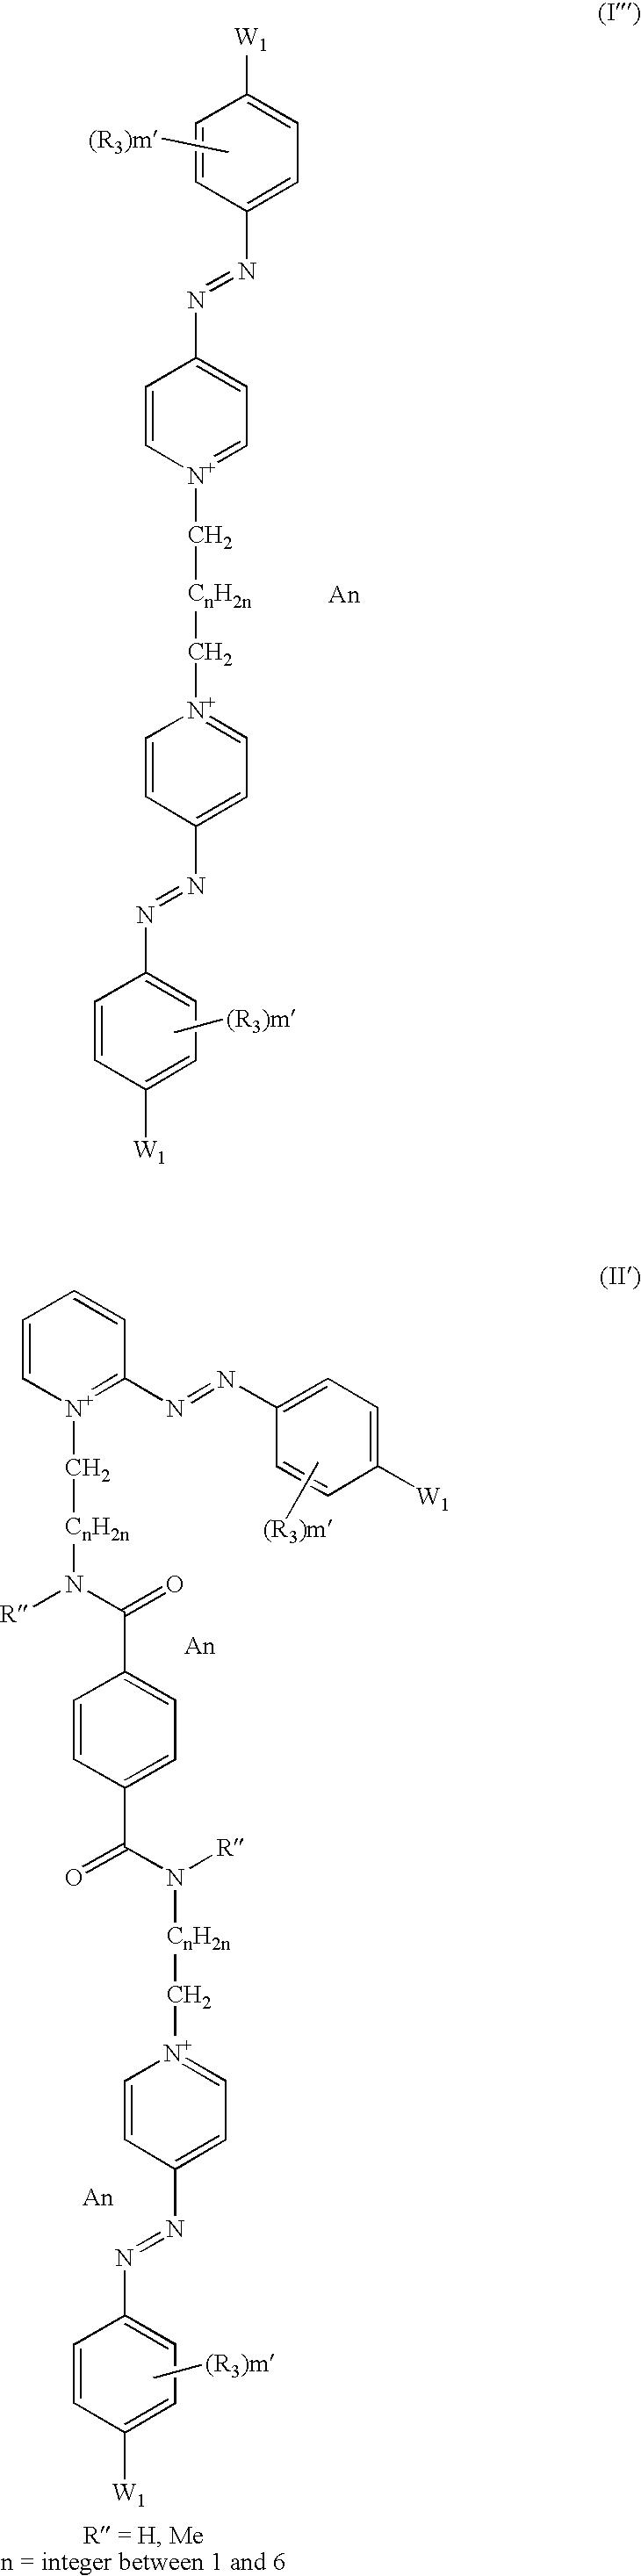 Figure US07288639-20071030-C00008